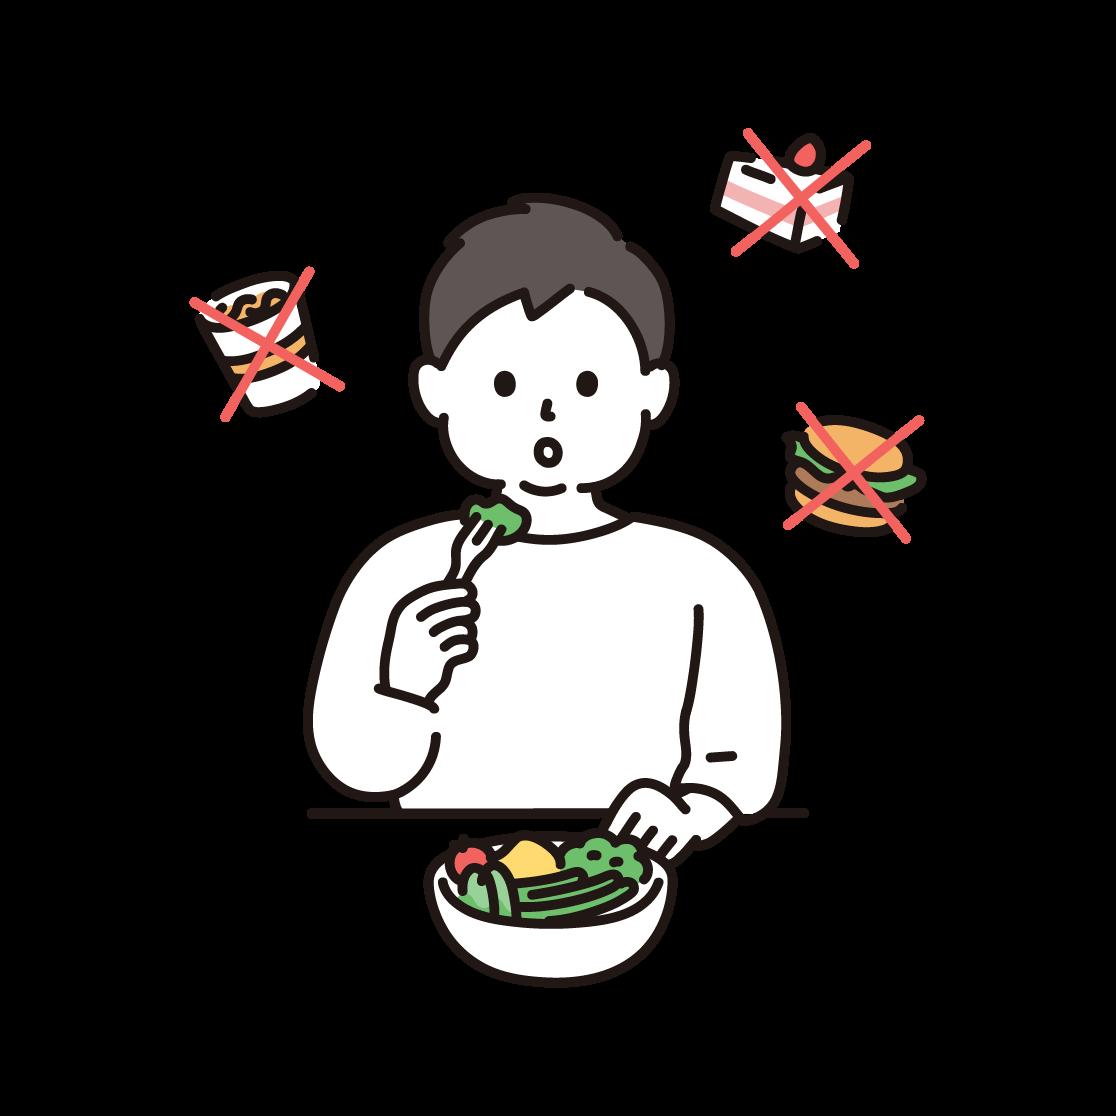 食事制限をする男性のイラスト